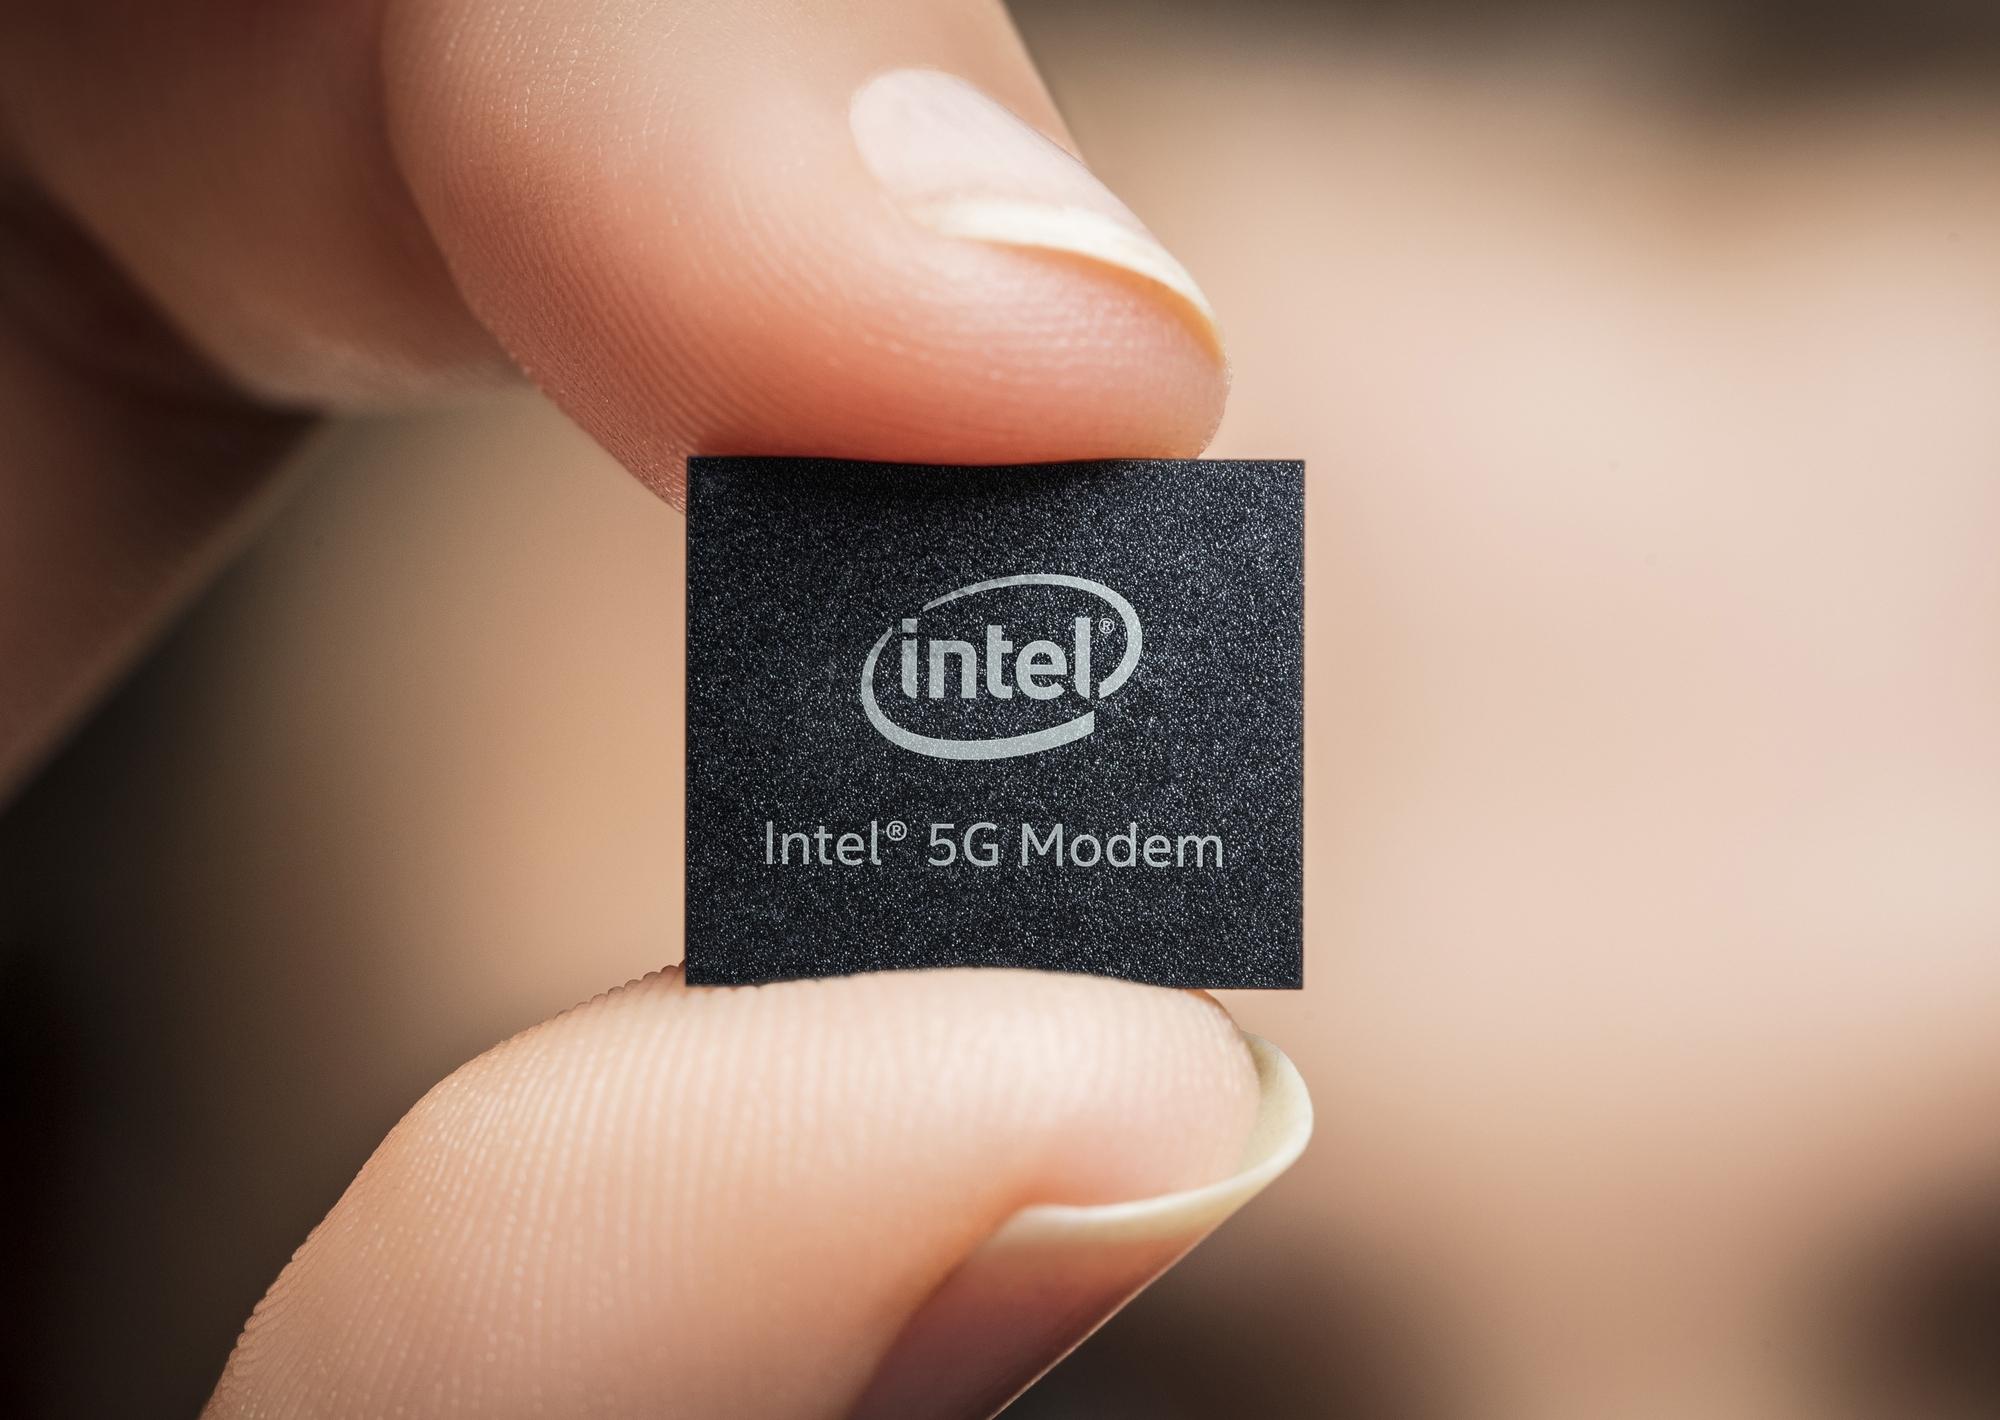 Компьютеры начнут поддерживать 5G в следующем 2019г.